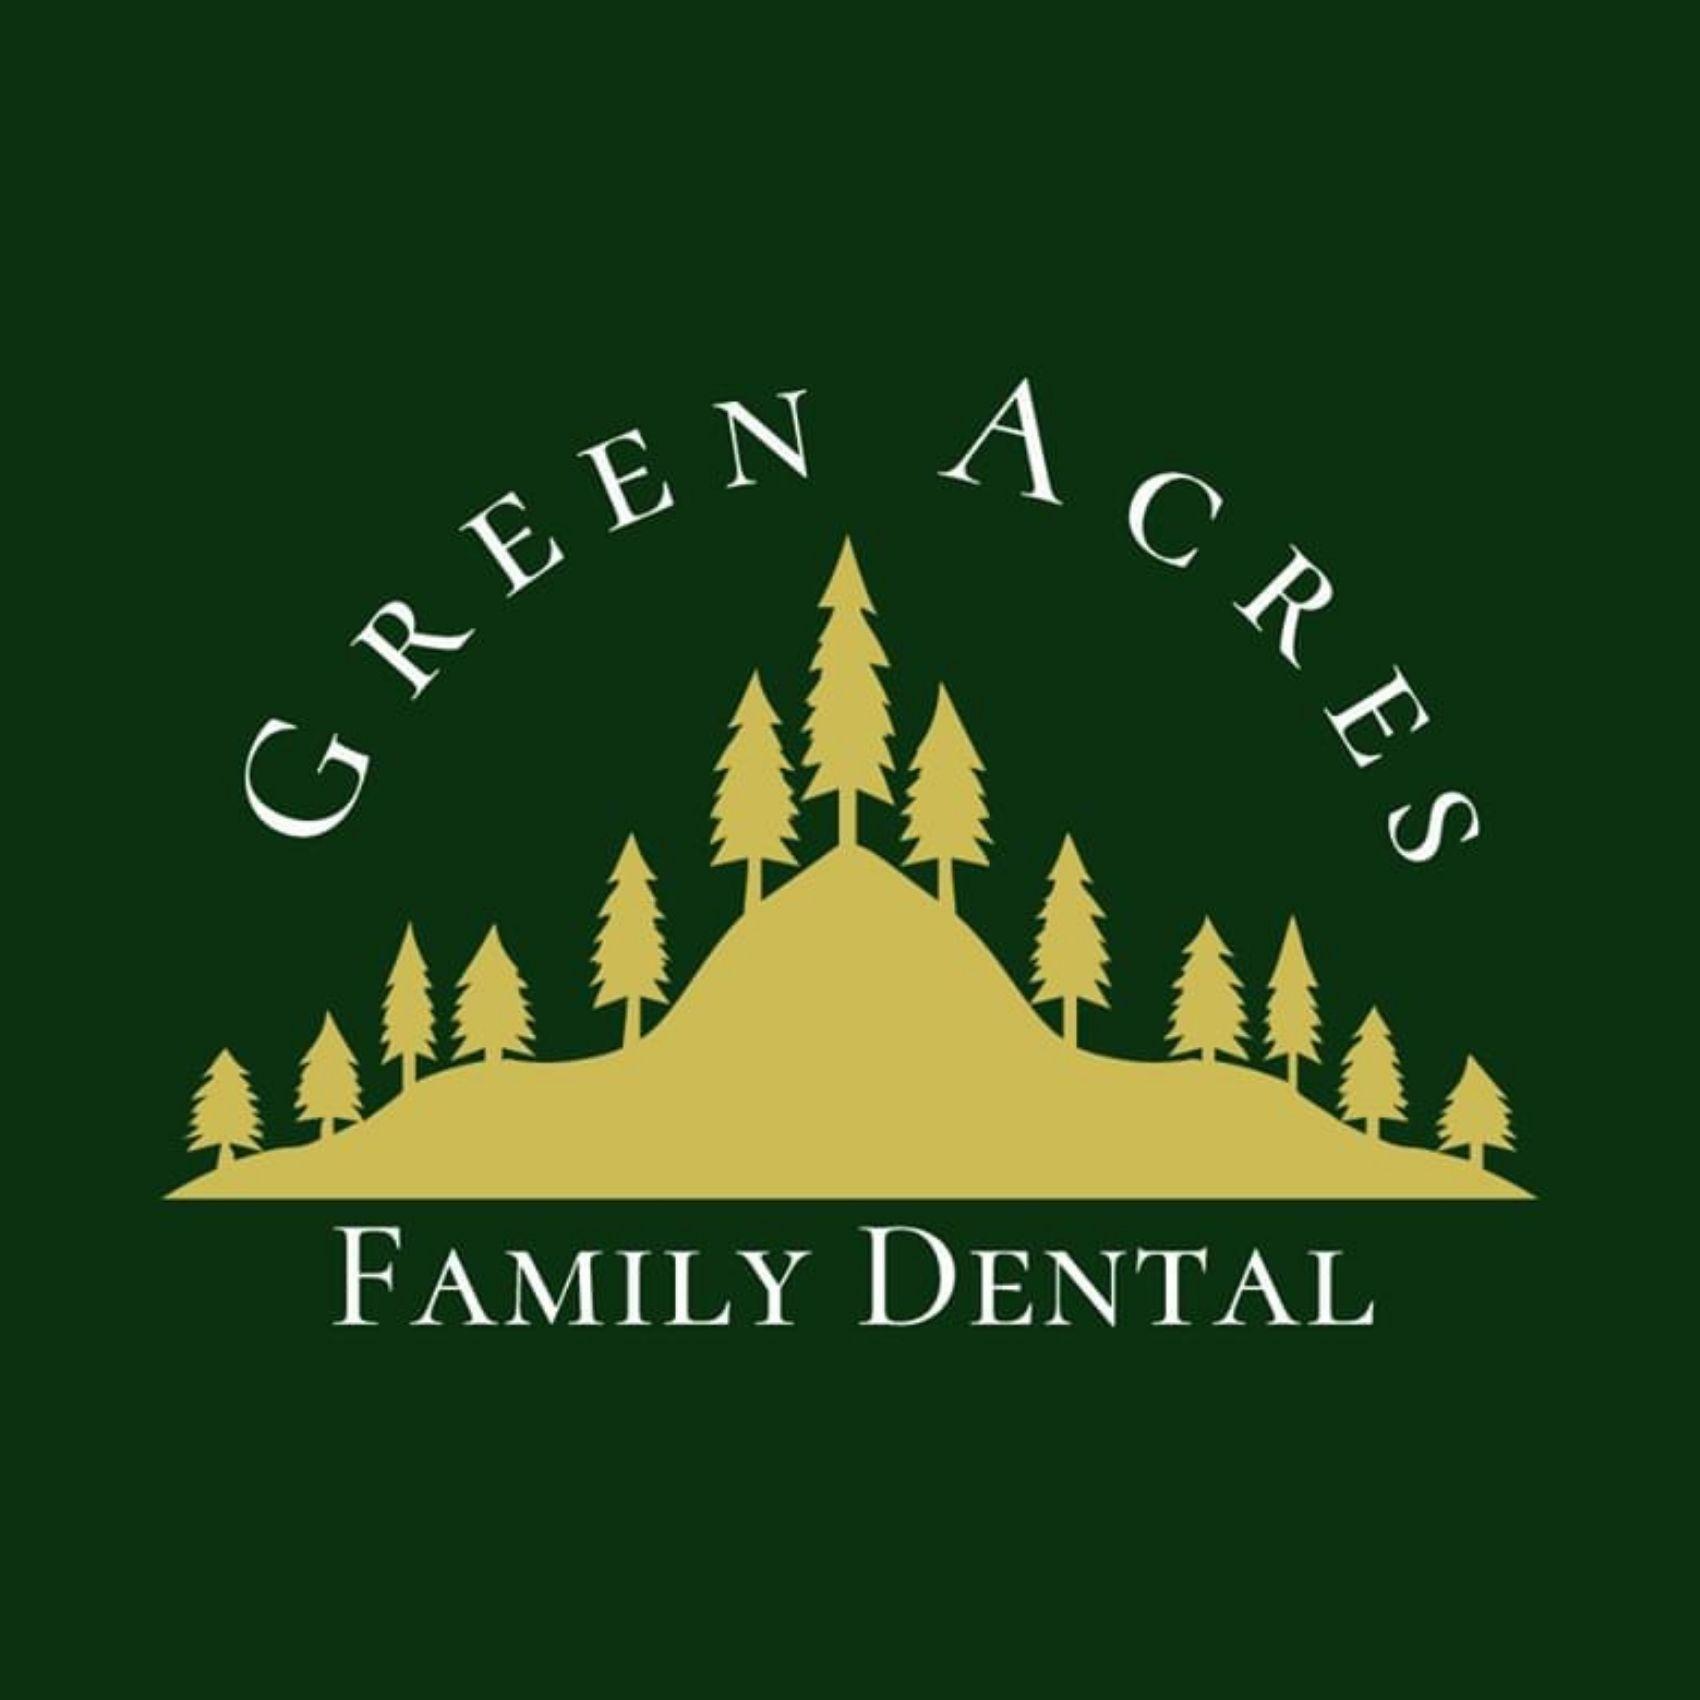 Green Acres Family Dental